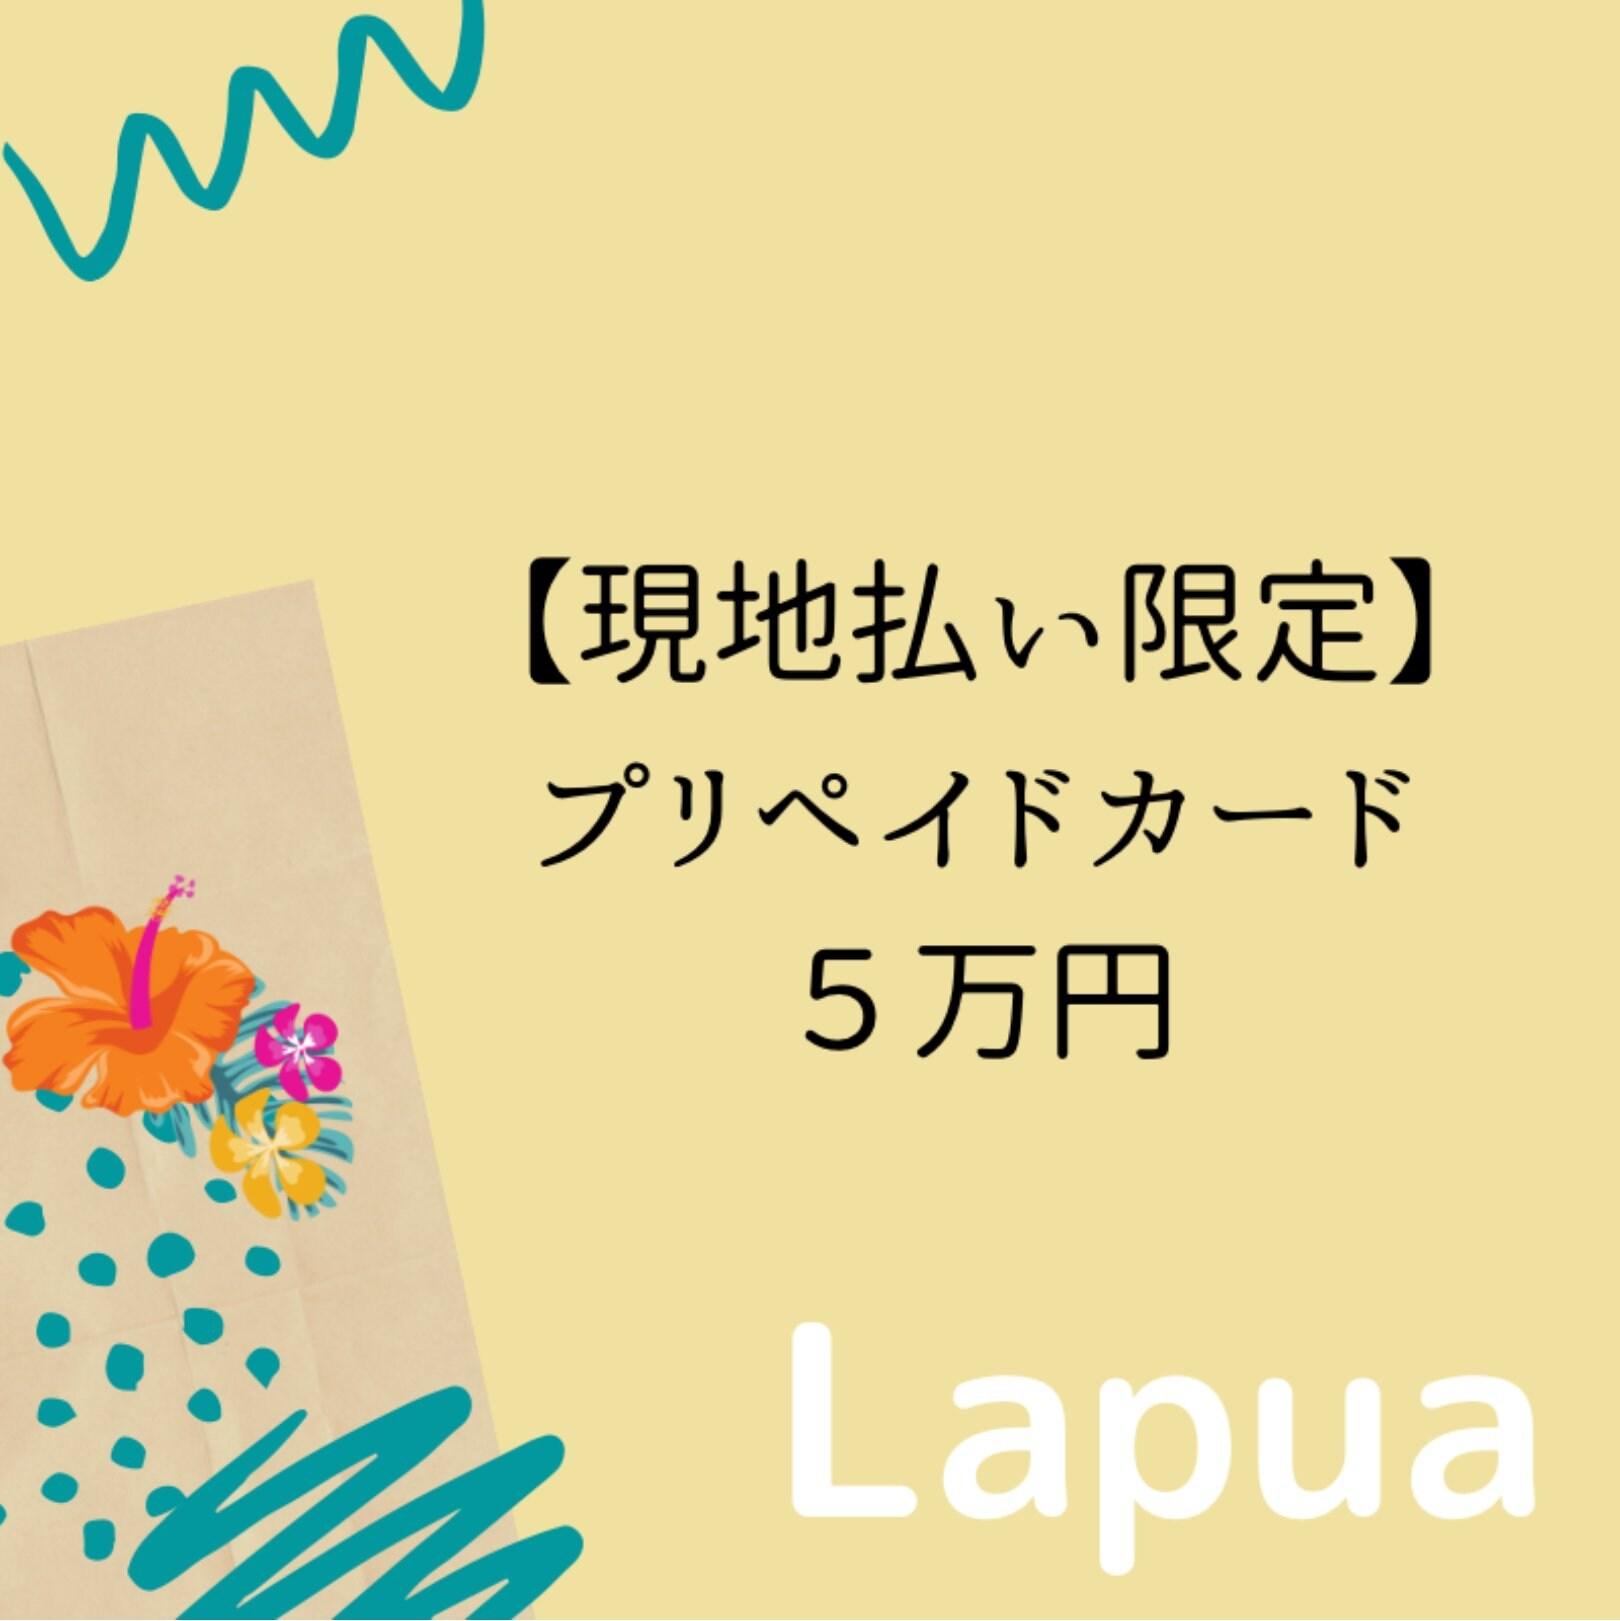 【現地払い限定】5万円プリペイドカードのイメージその1